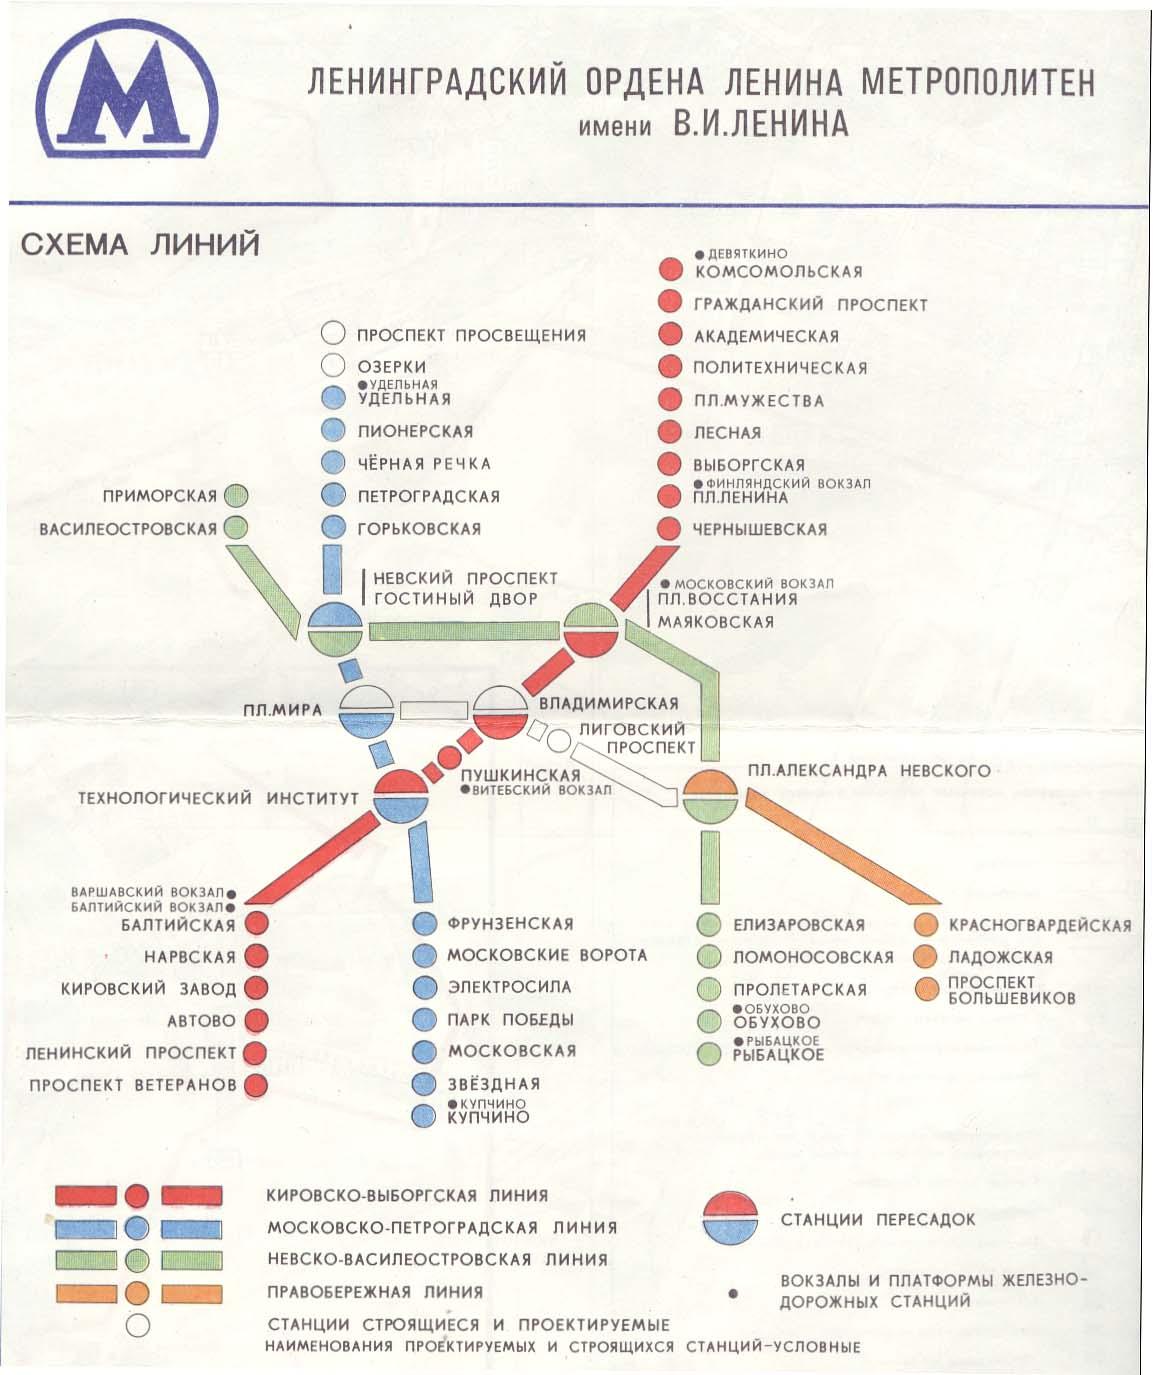 метро в ленинграде 1986